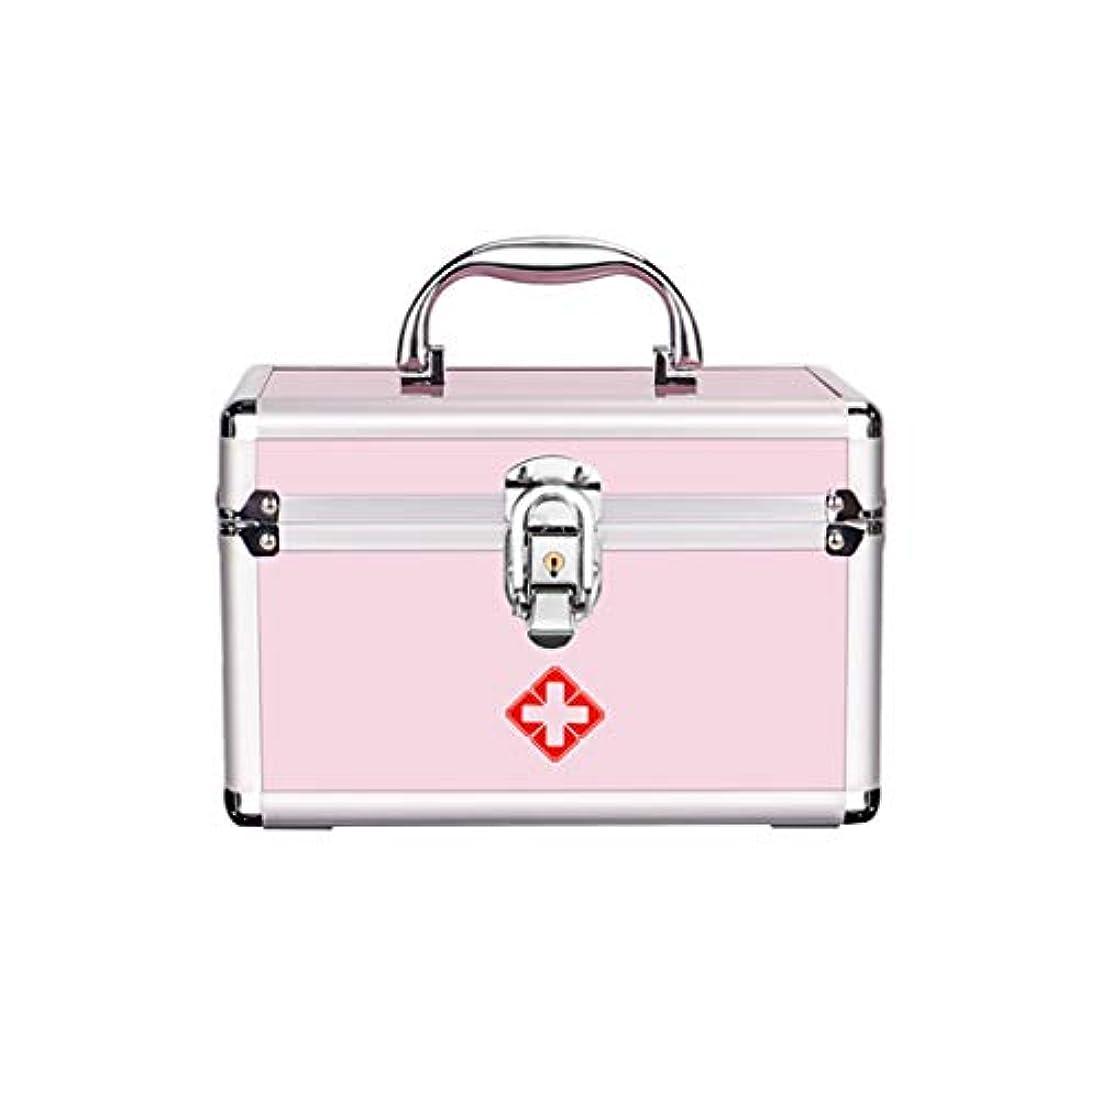 キウイスポークスマンデッキKKYY 救急箱医療箱キャリングハンドル、アルミニウム、救急医療キャビネット、内務省、家庭用救急箱